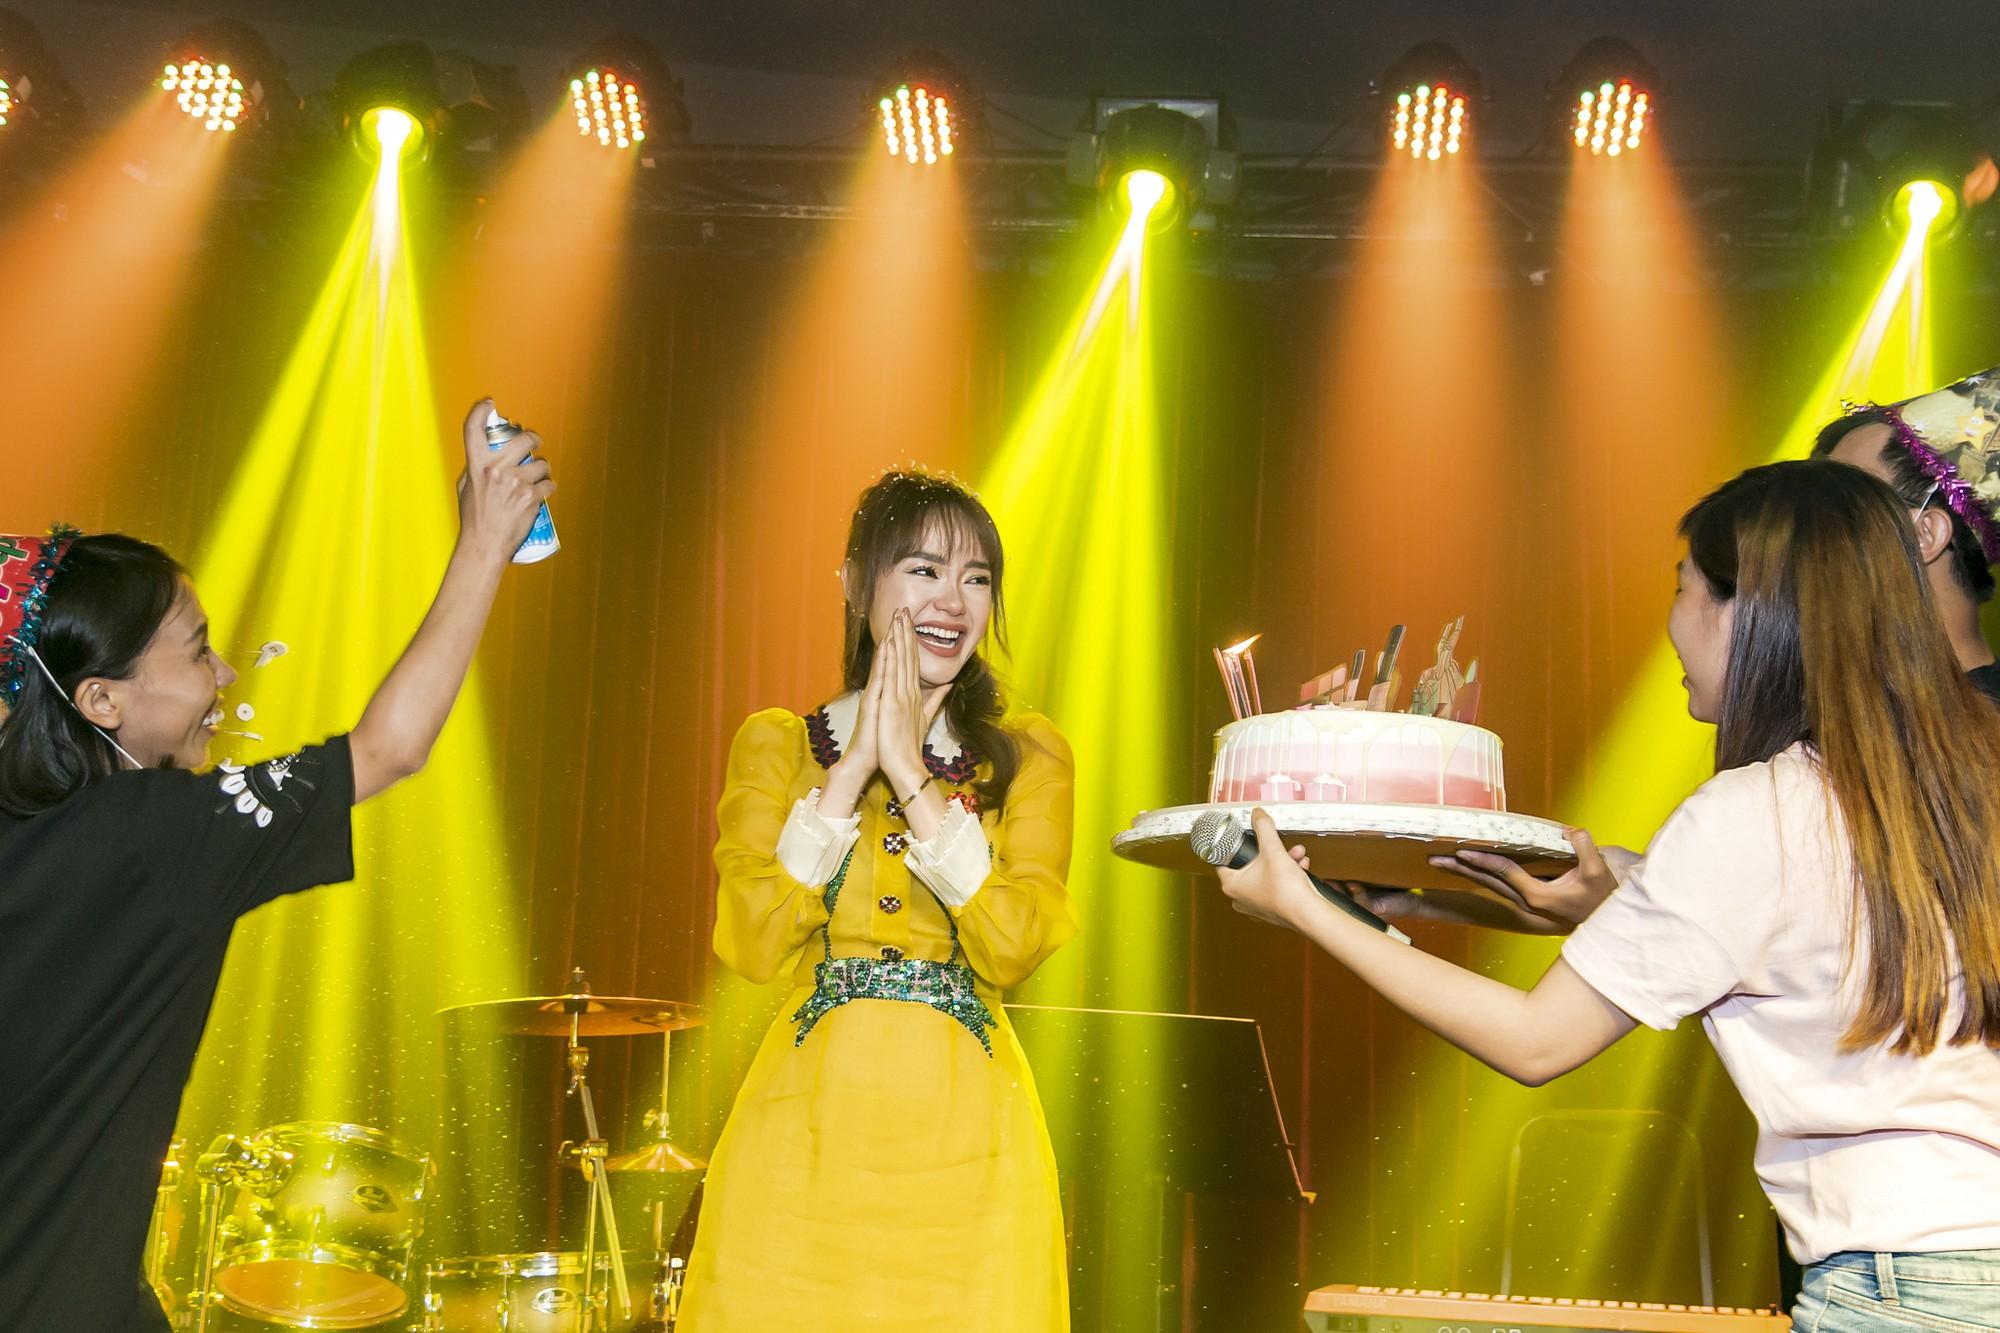 Hội fan cứng 10 năm đột kích, tổ chức sinh nhật bất ngờ khiến Minh Hằng khóc nức nở - Ảnh 8.